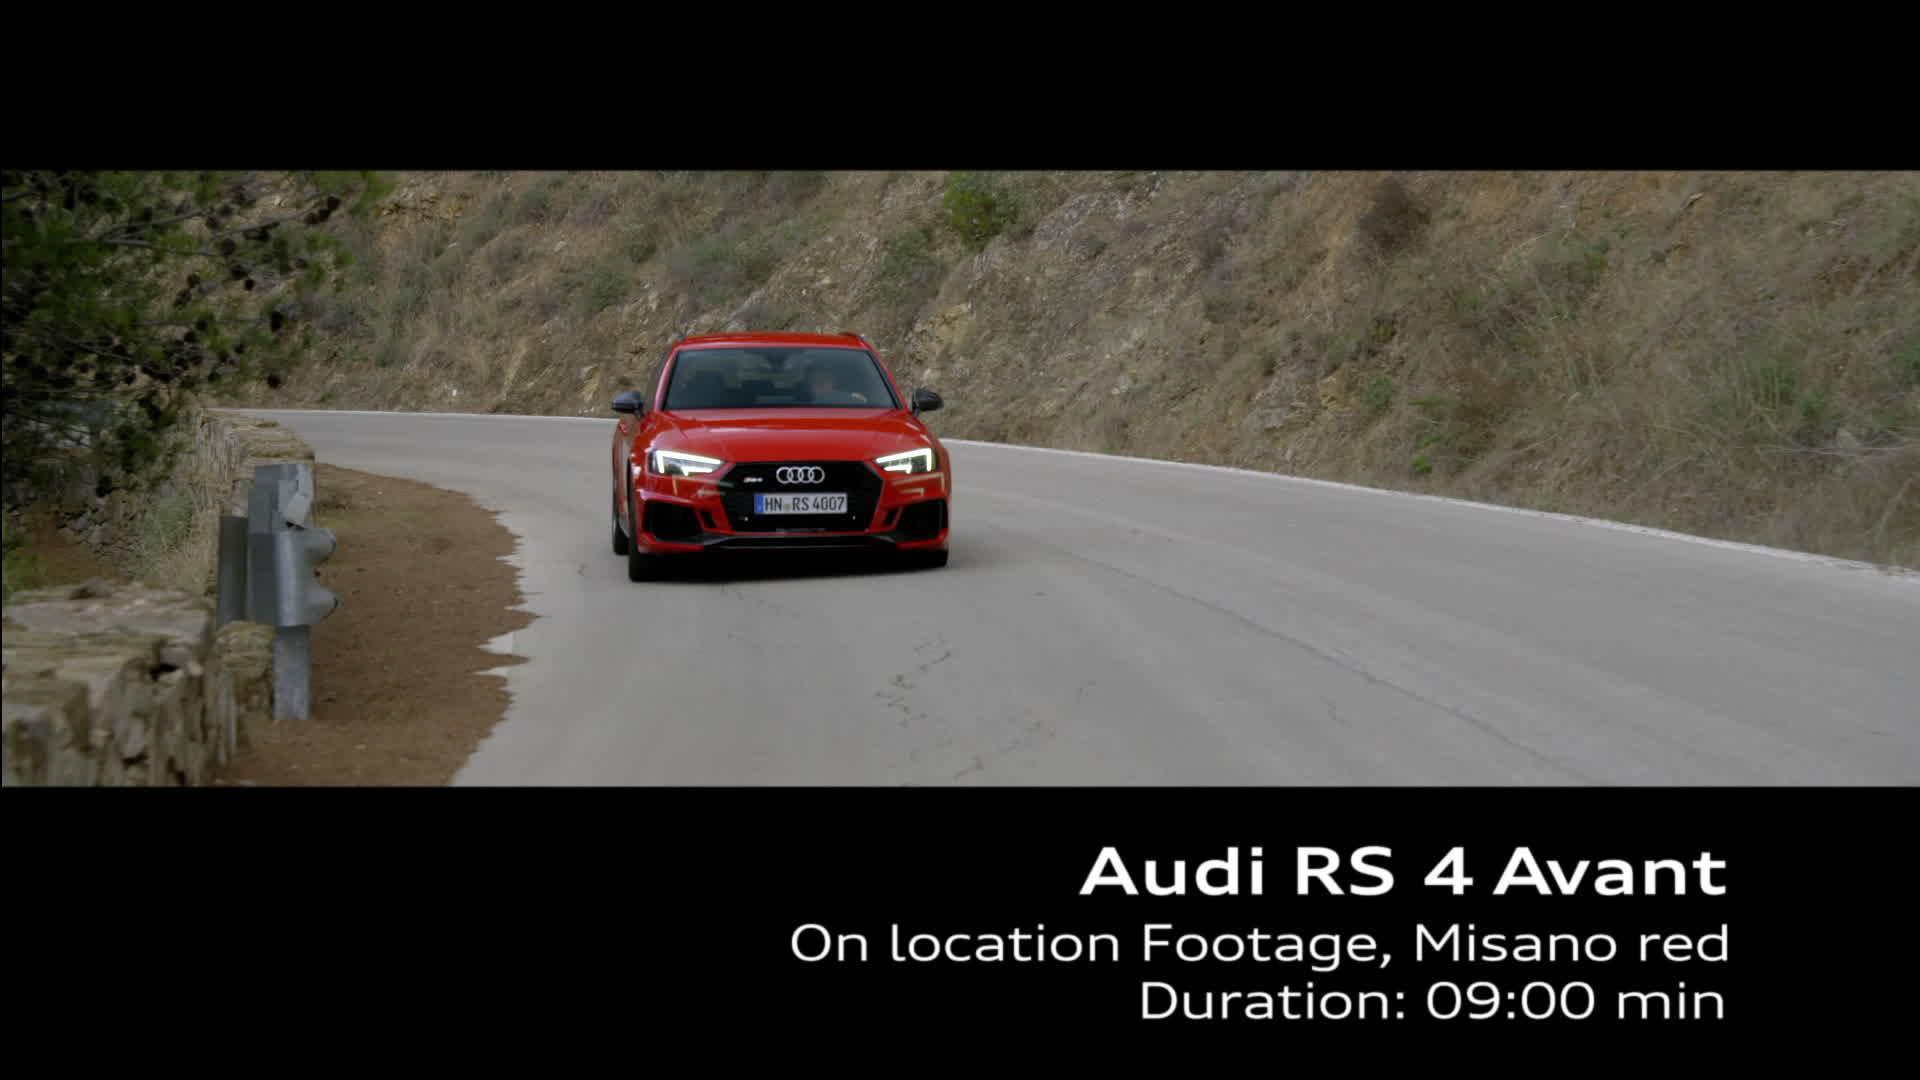 Audi RS 4 Footage on Location